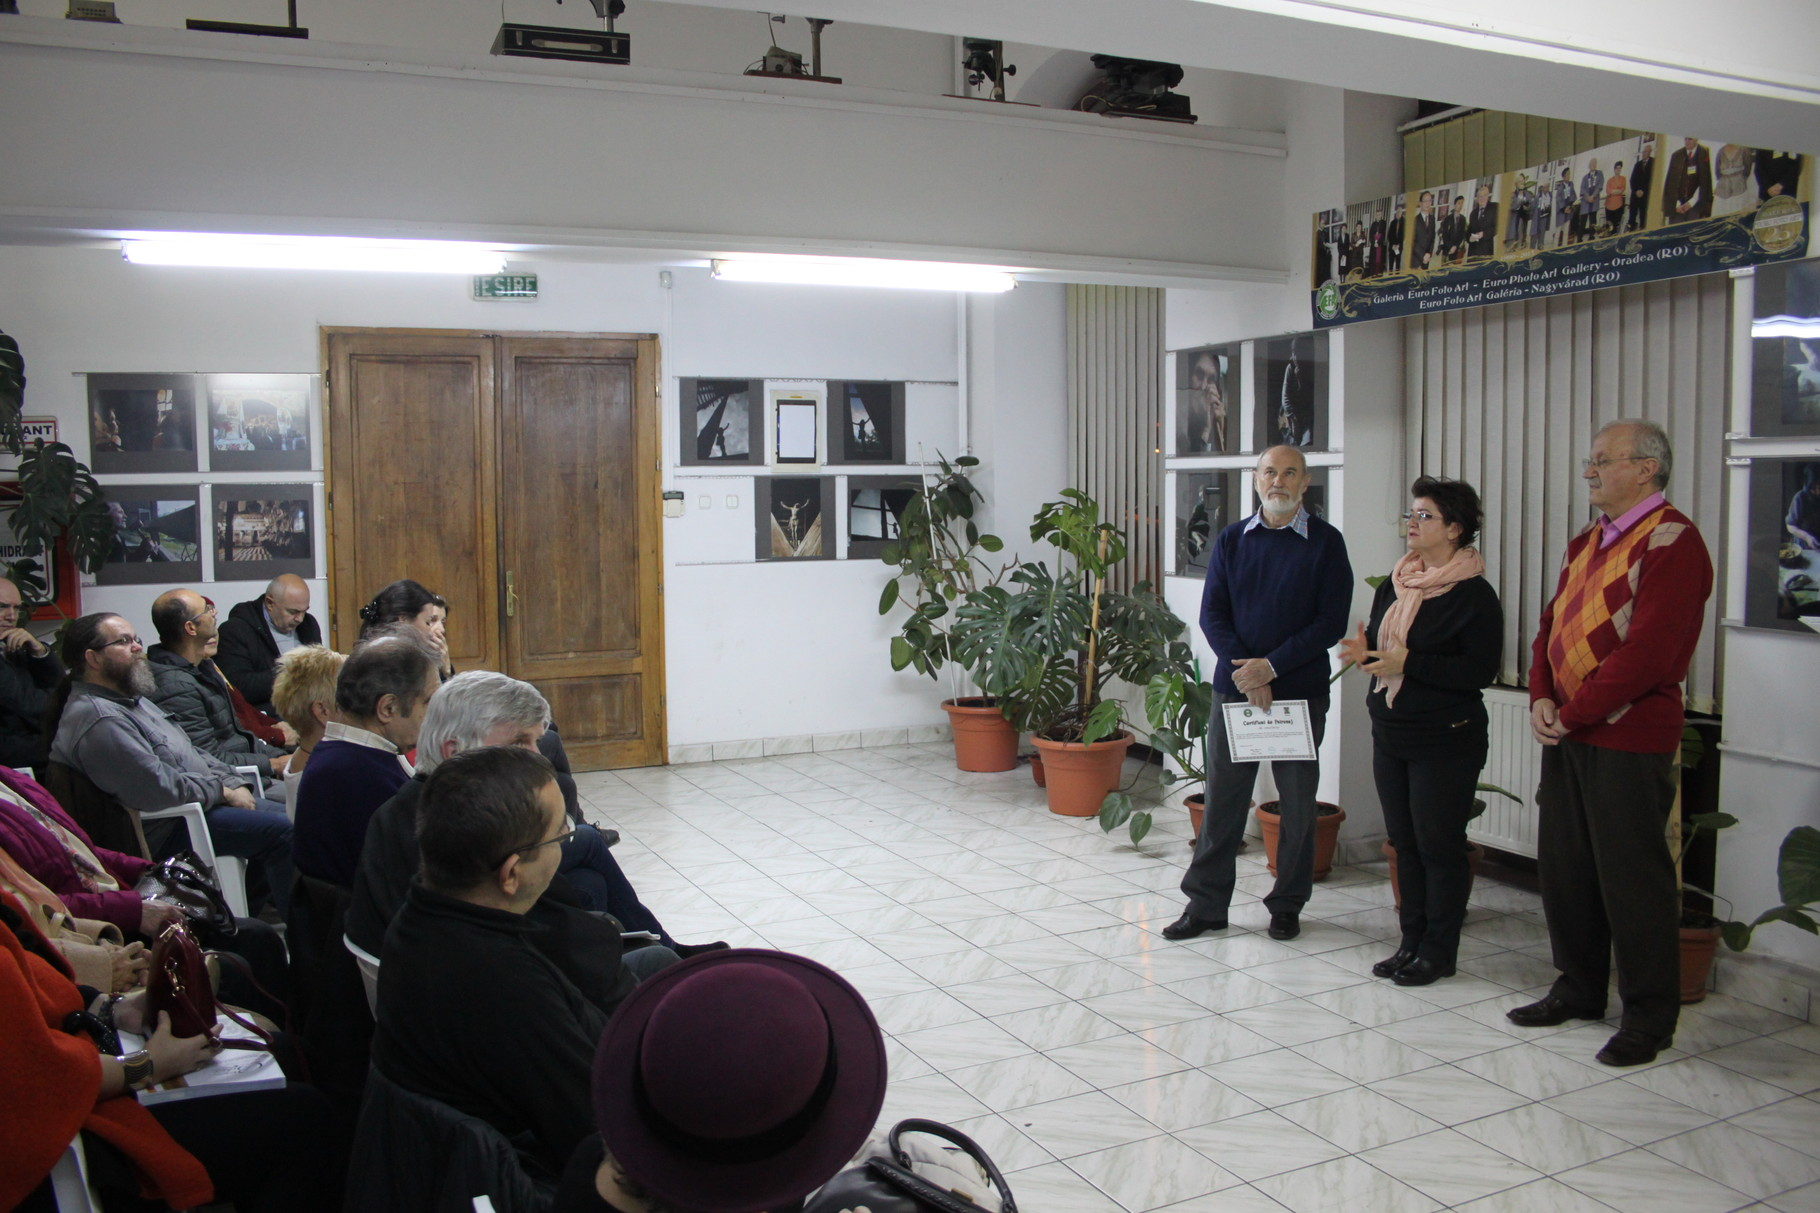 Photo by: Claudiu Szabó EFIAP